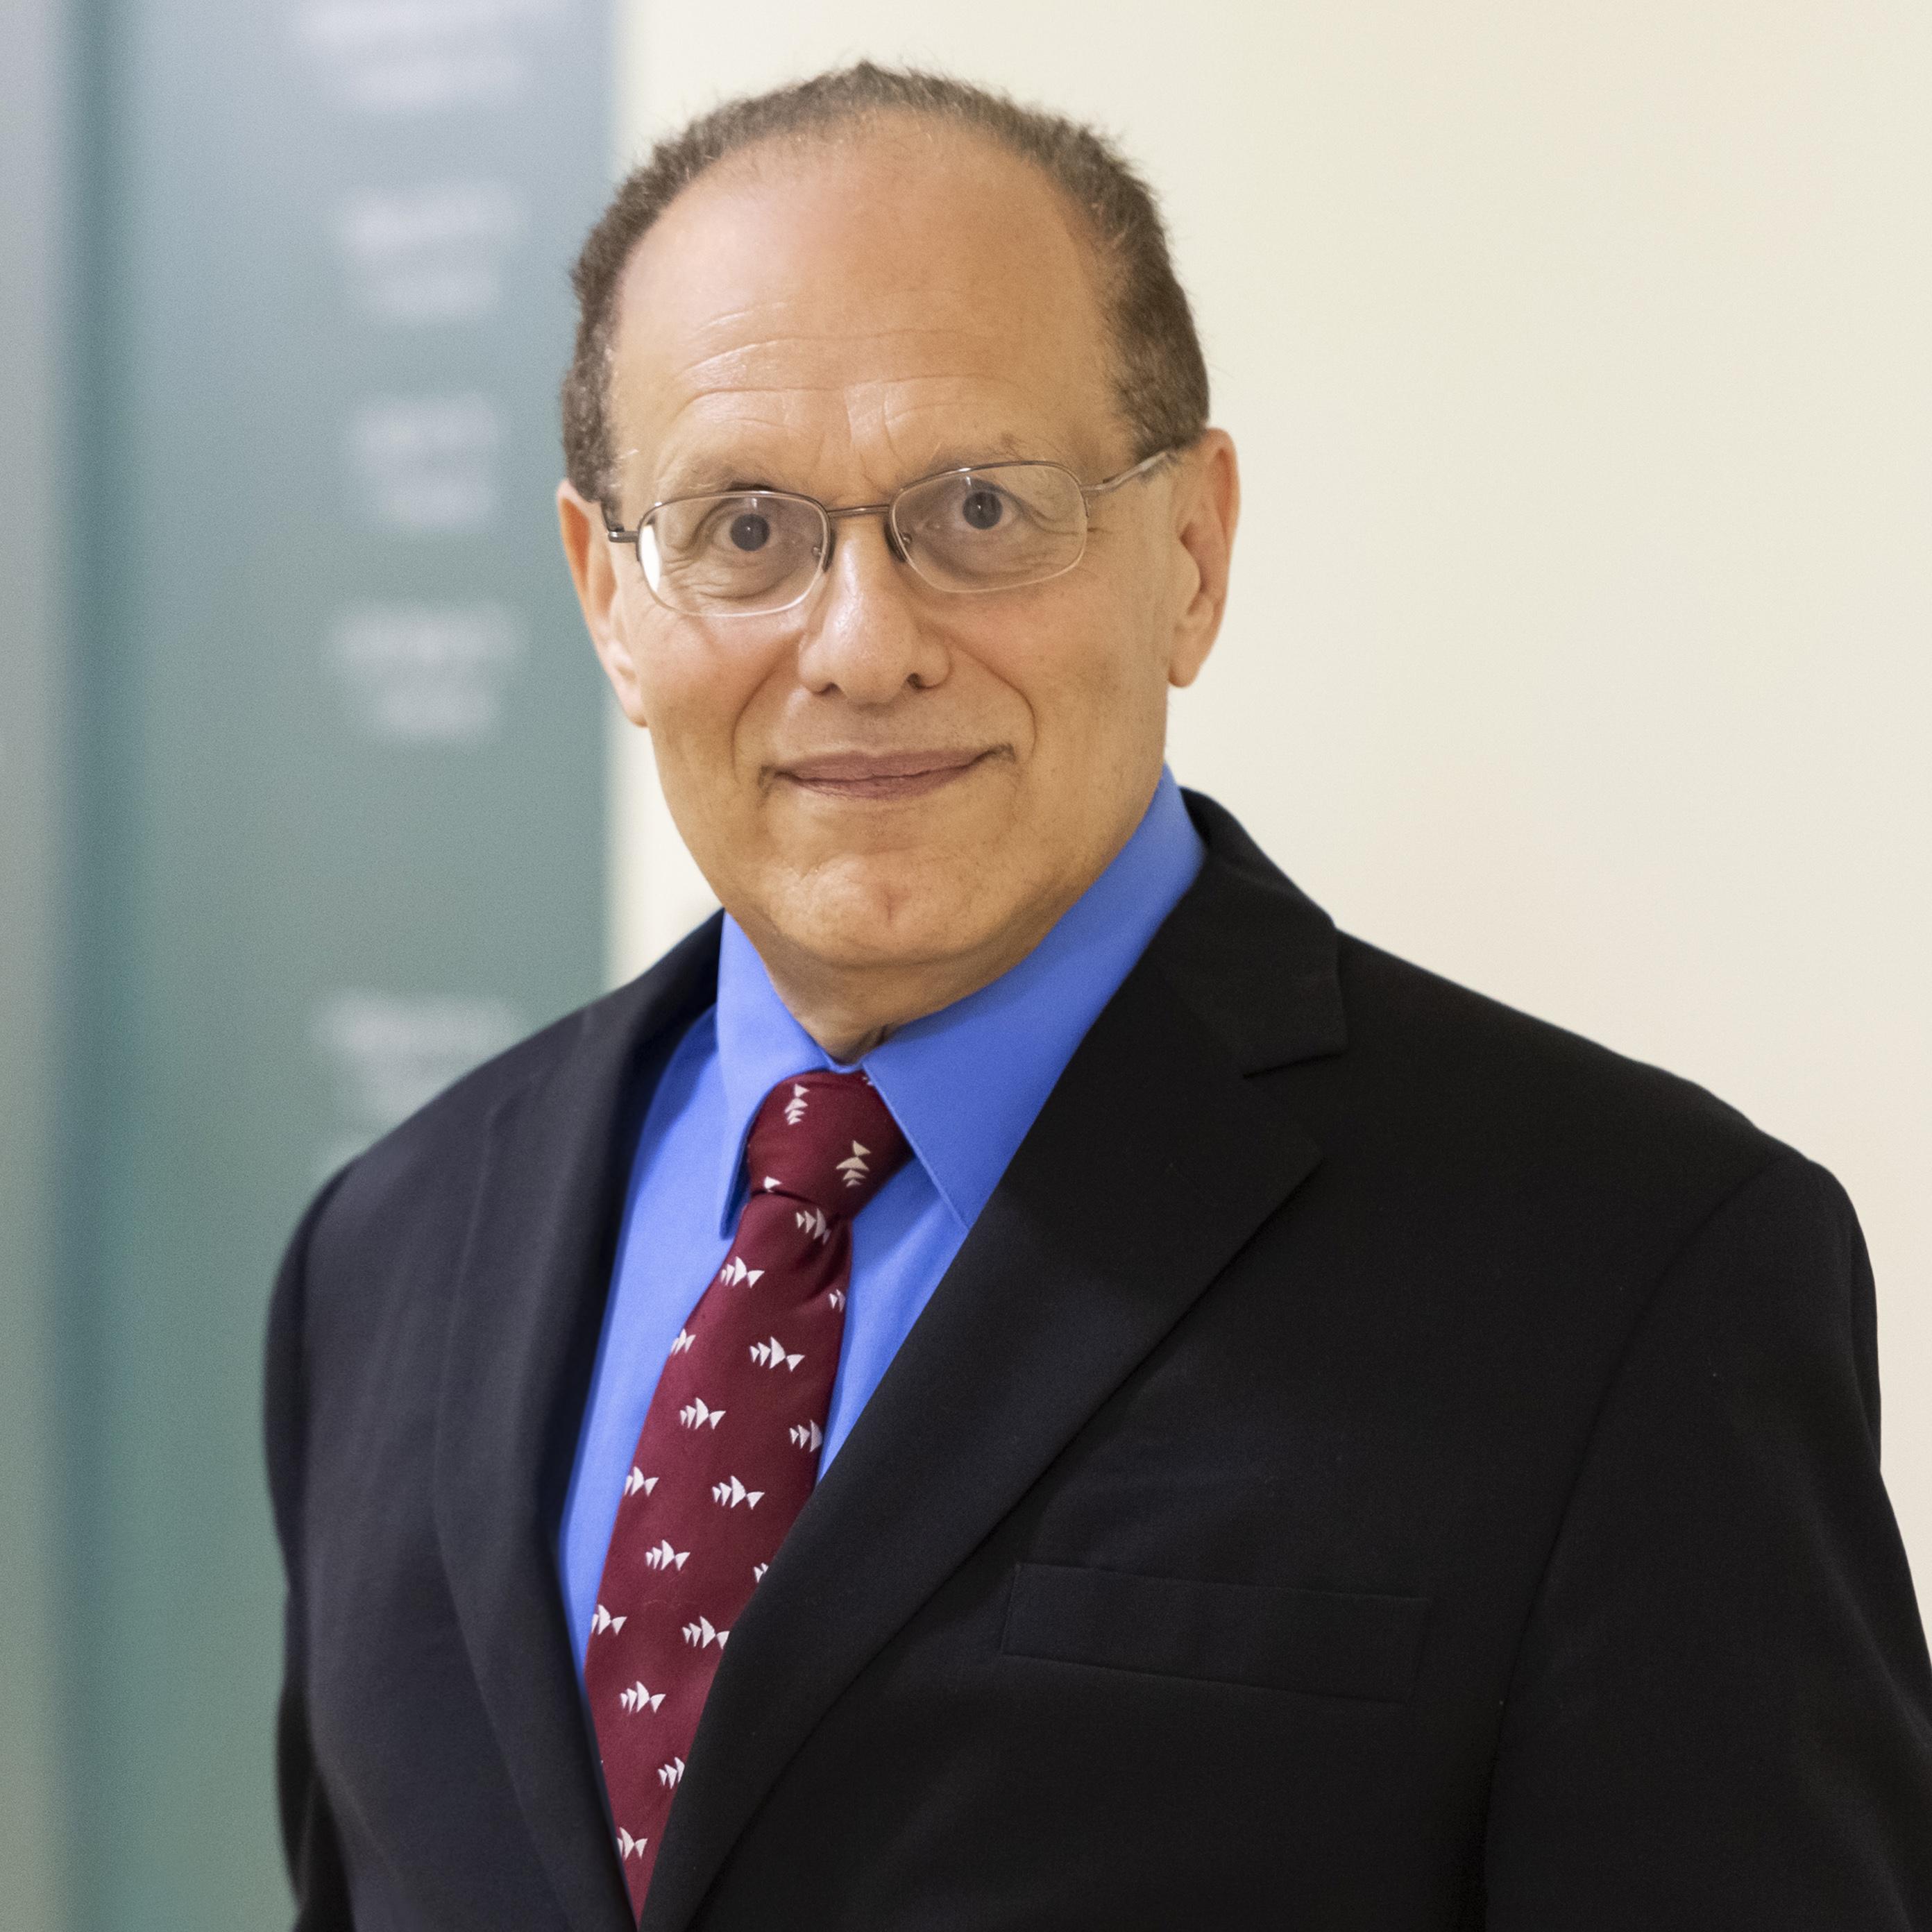 באינדקס רופאים פרופ. כרמל ערמון מומחה בנוירולוגיה | אינדקס הרופאים של ישראל